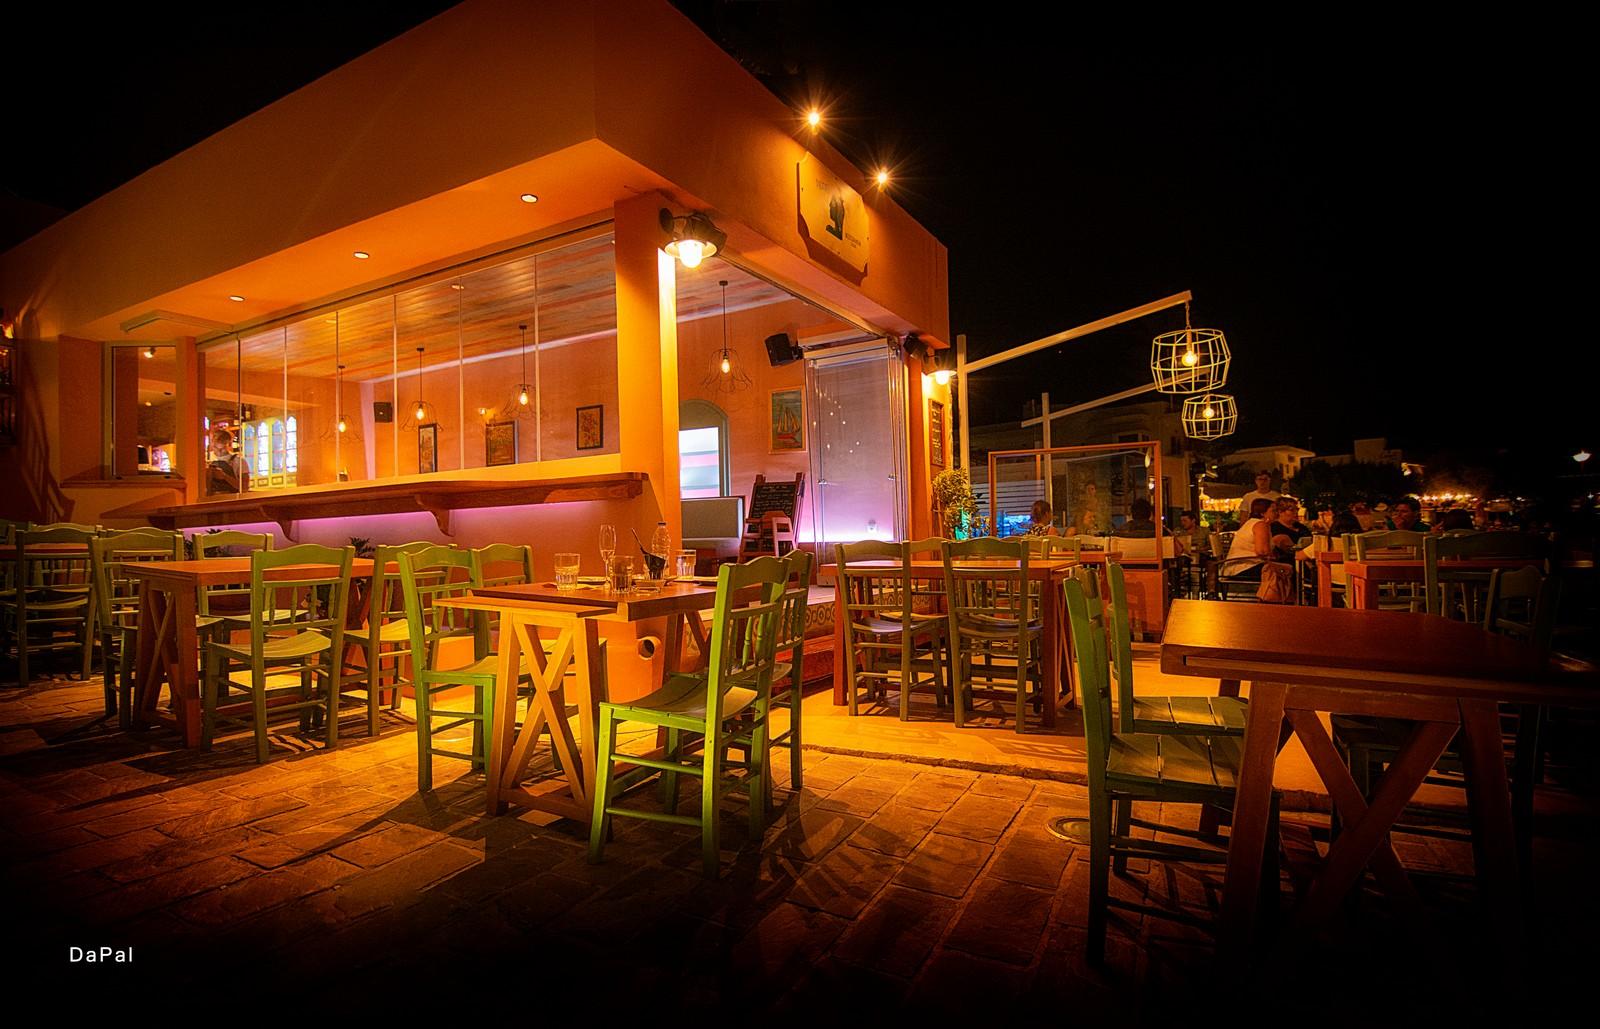 Pasifaei Restaurant